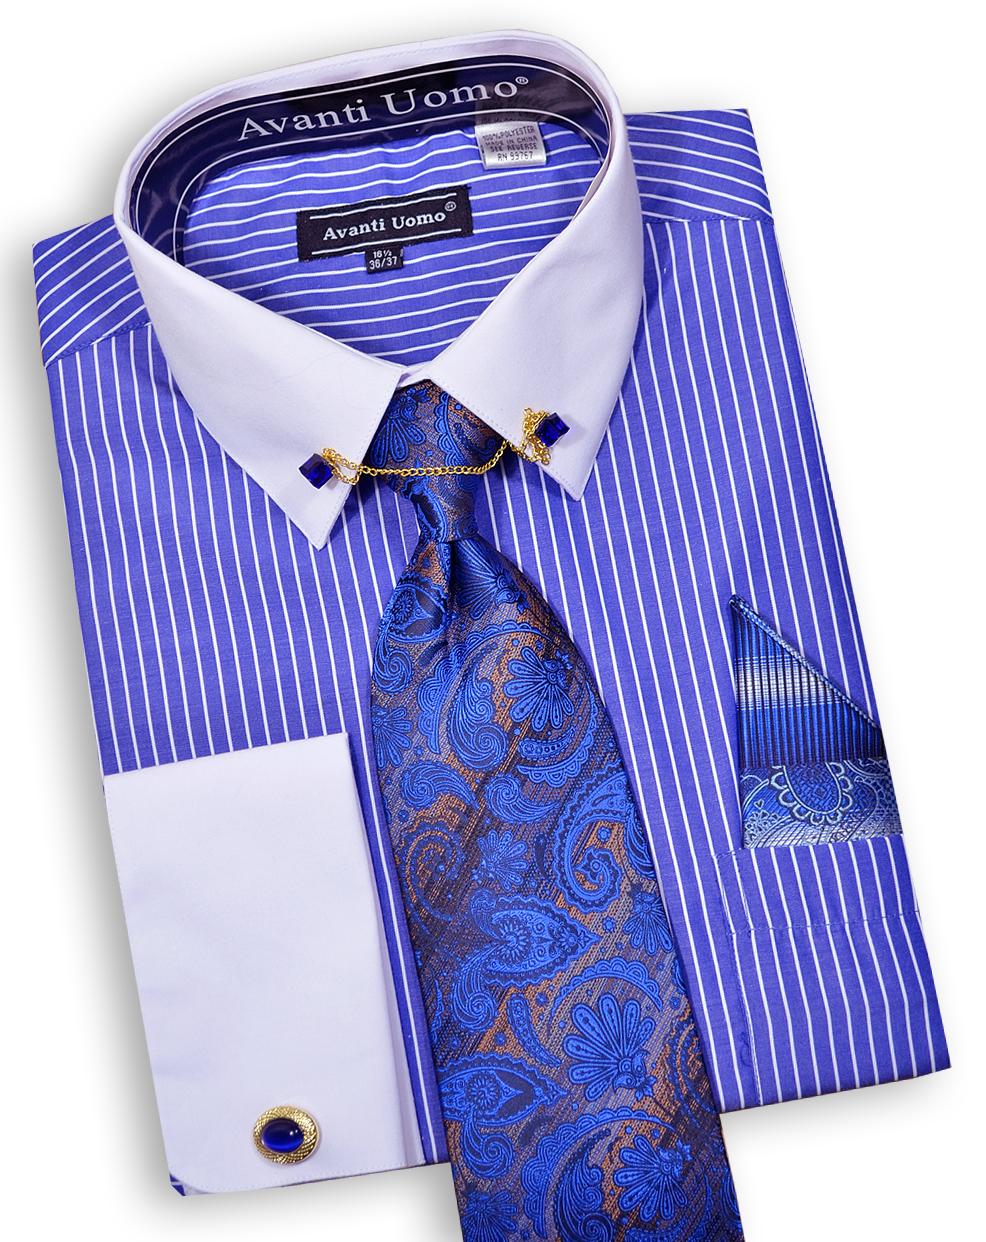 Avanti uomo royal blue white pinstripe dress shirt tie for Blue white dress shirt